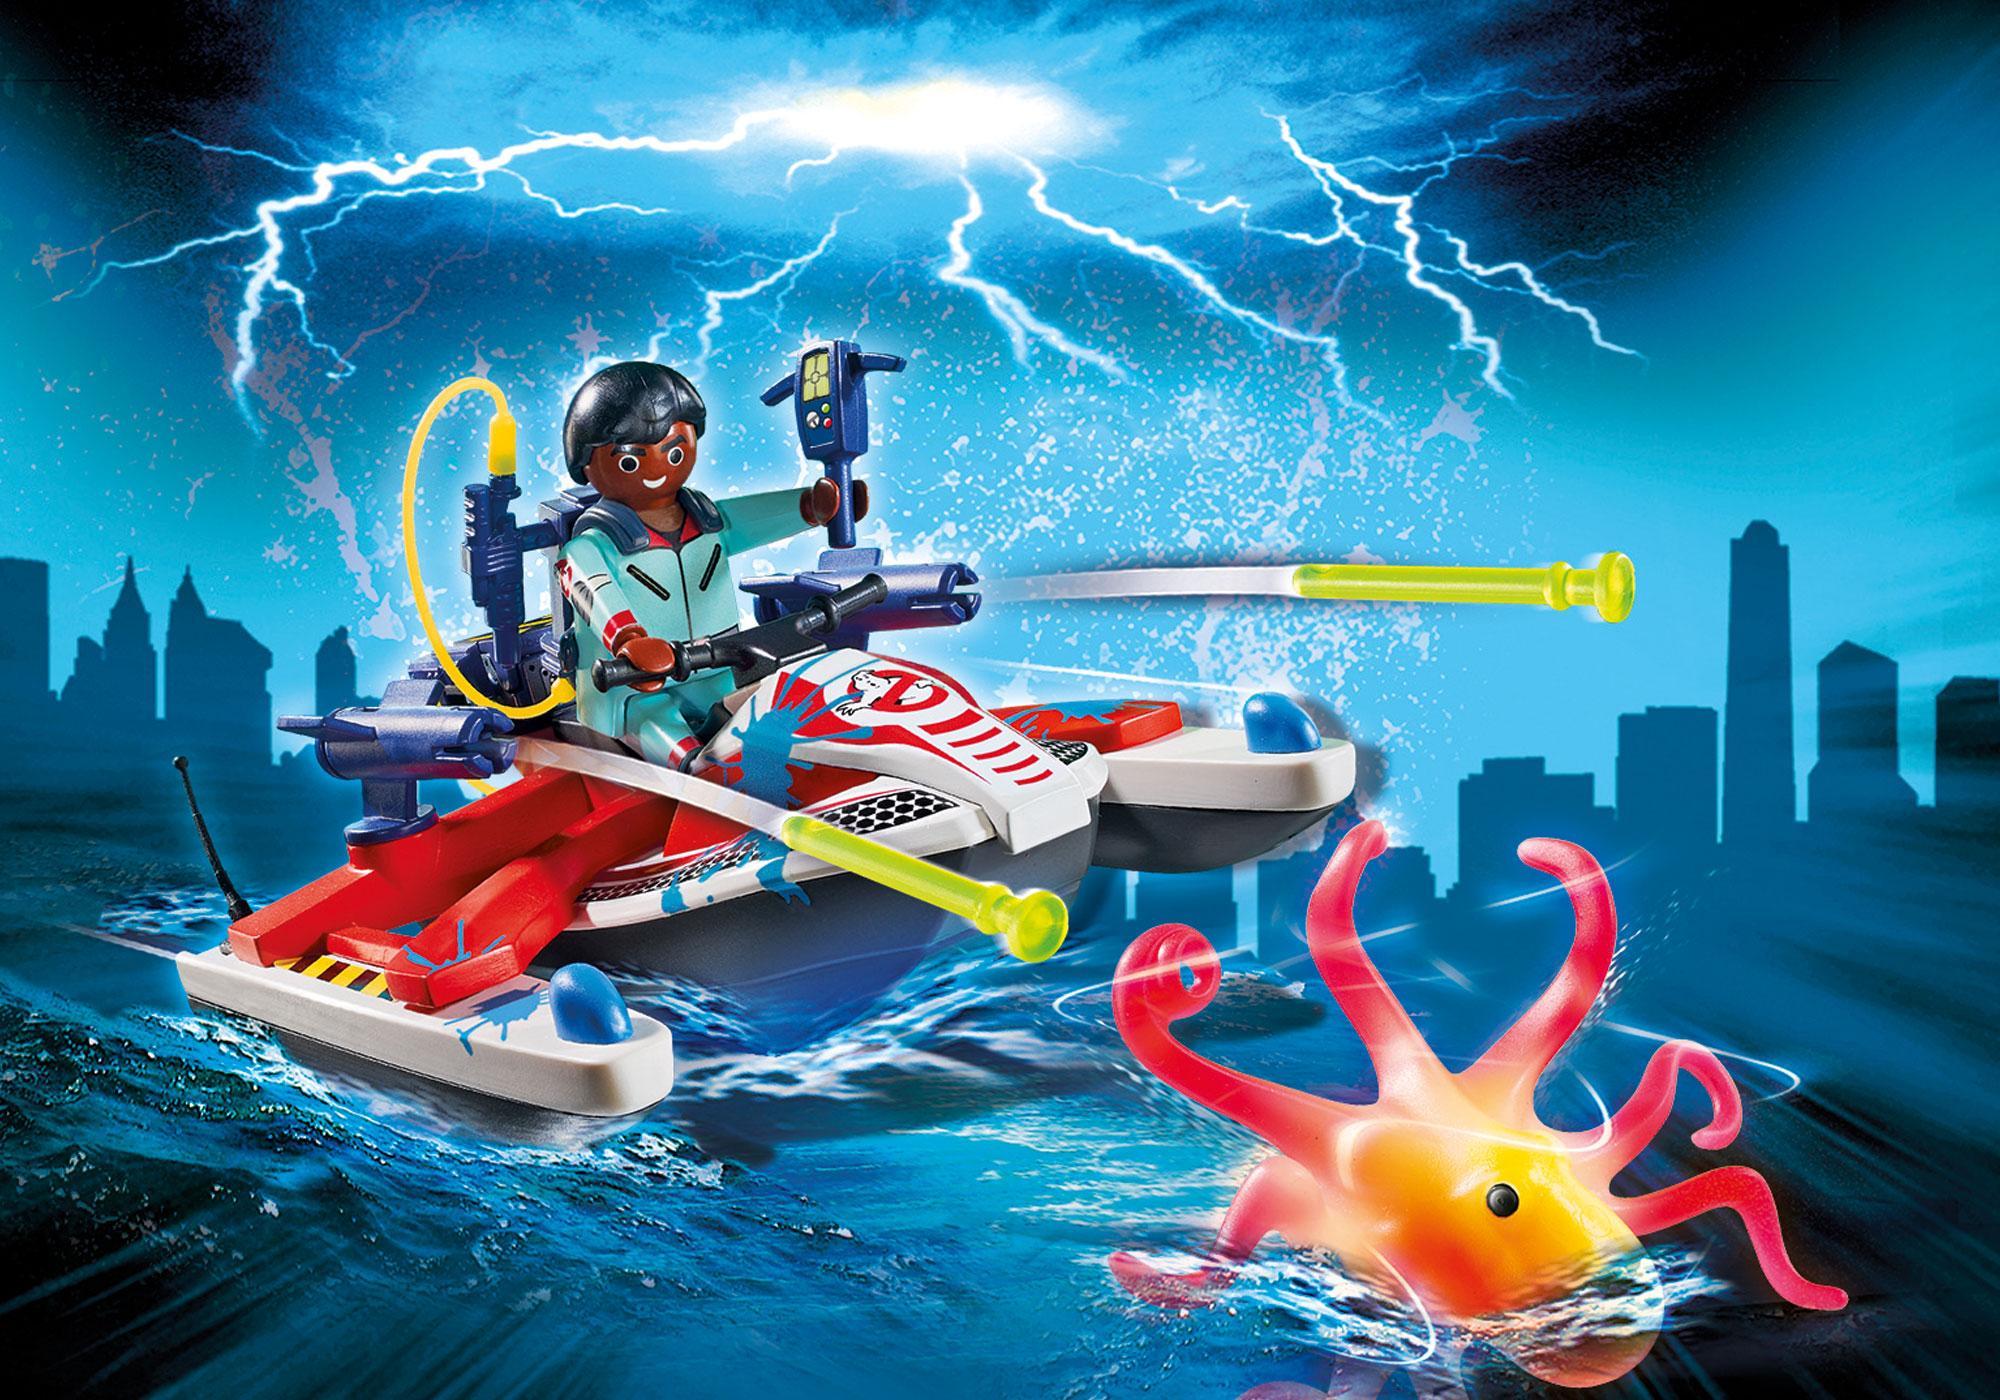 http://media.playmobil.com/i/playmobil/9387_product_detail/Zeddemore com Moto de água